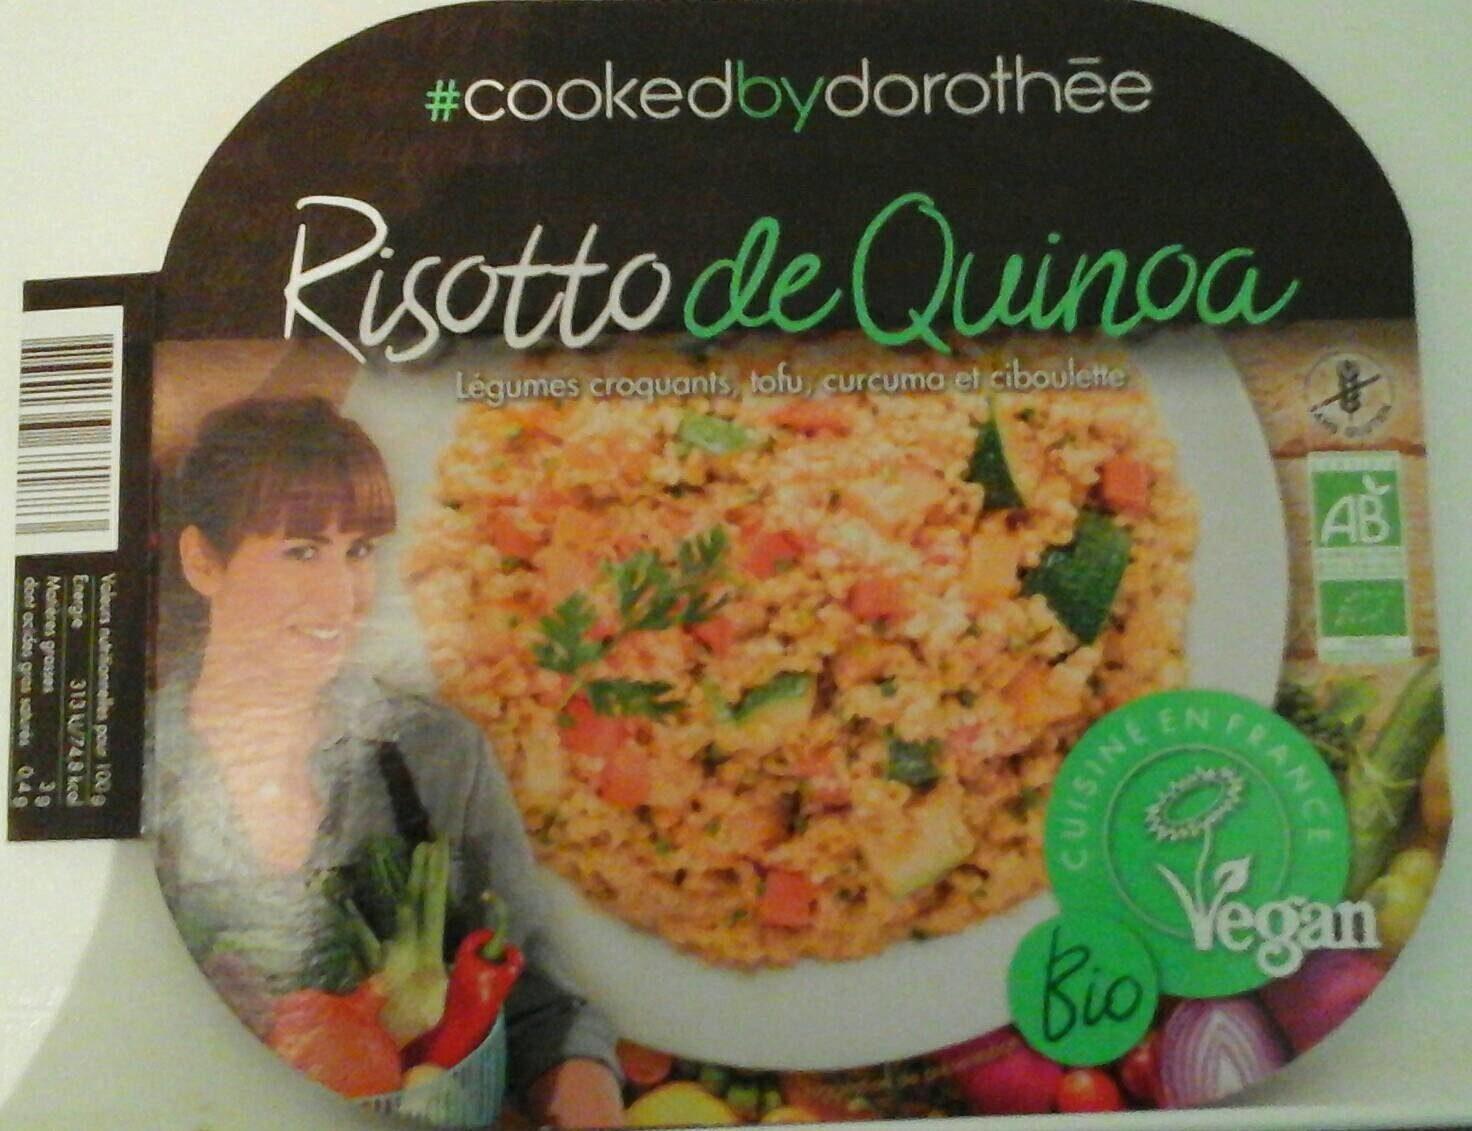 Risotto de Quinoa - Product